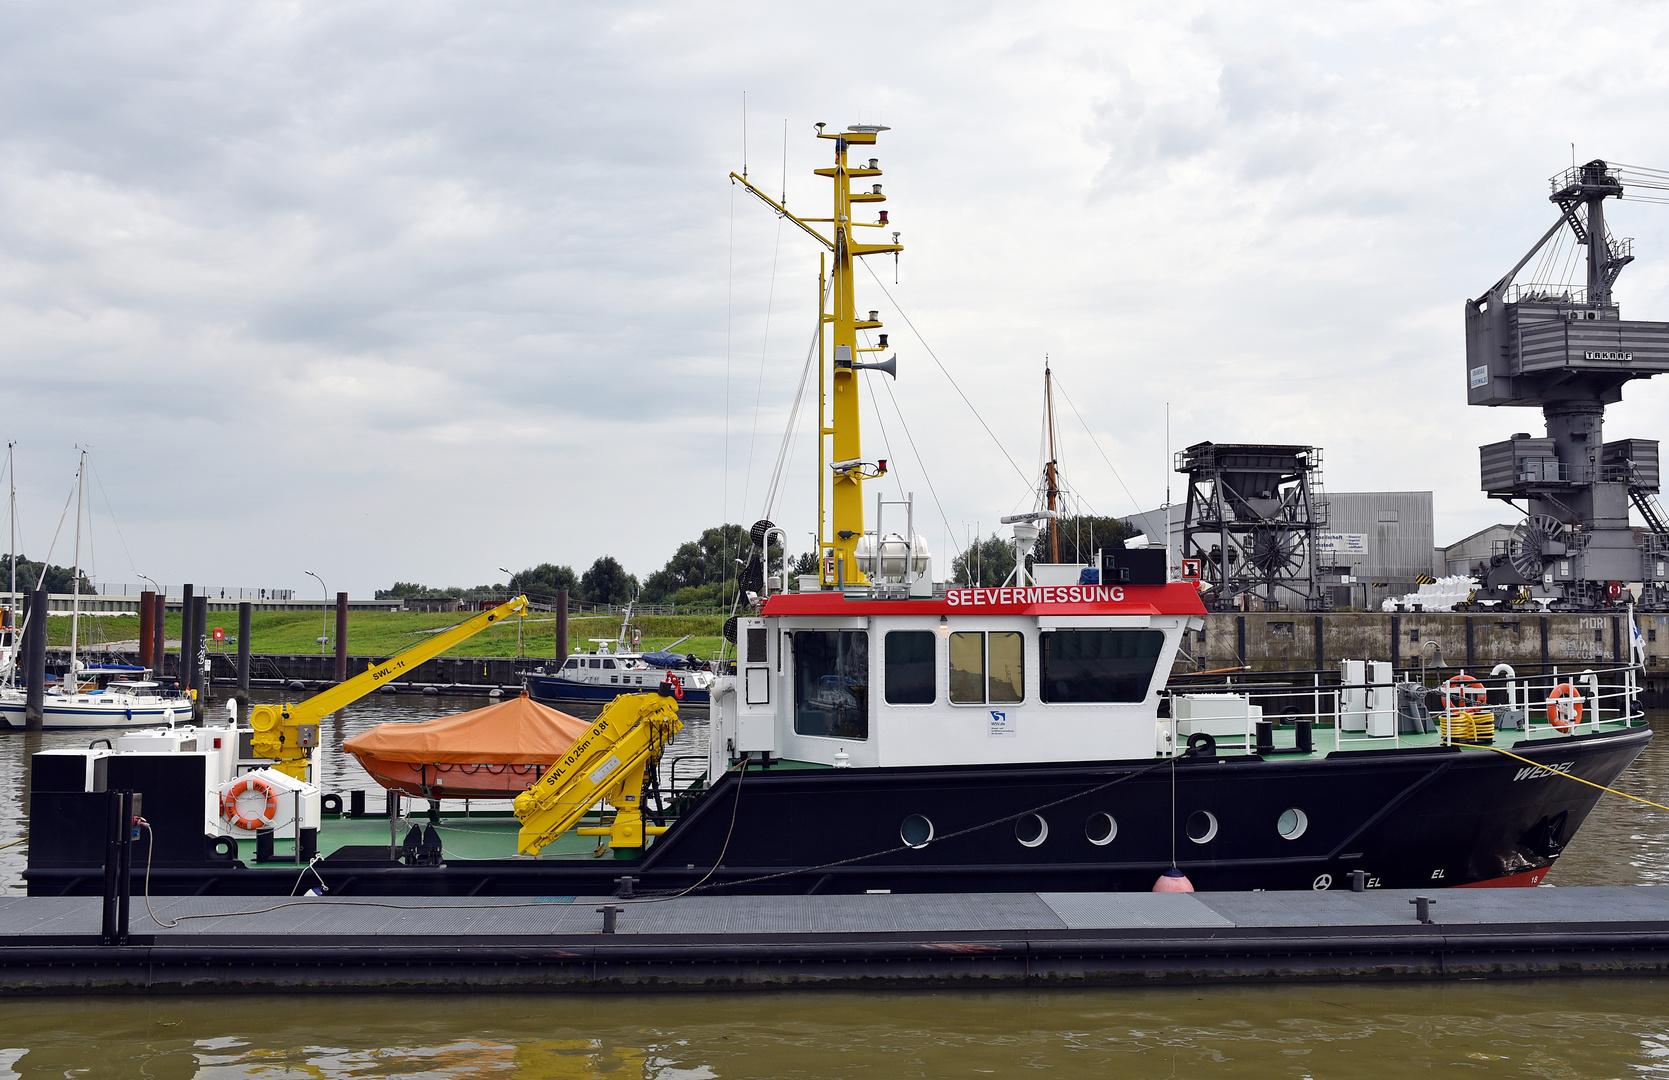 See Vermessungsschiff Wedel